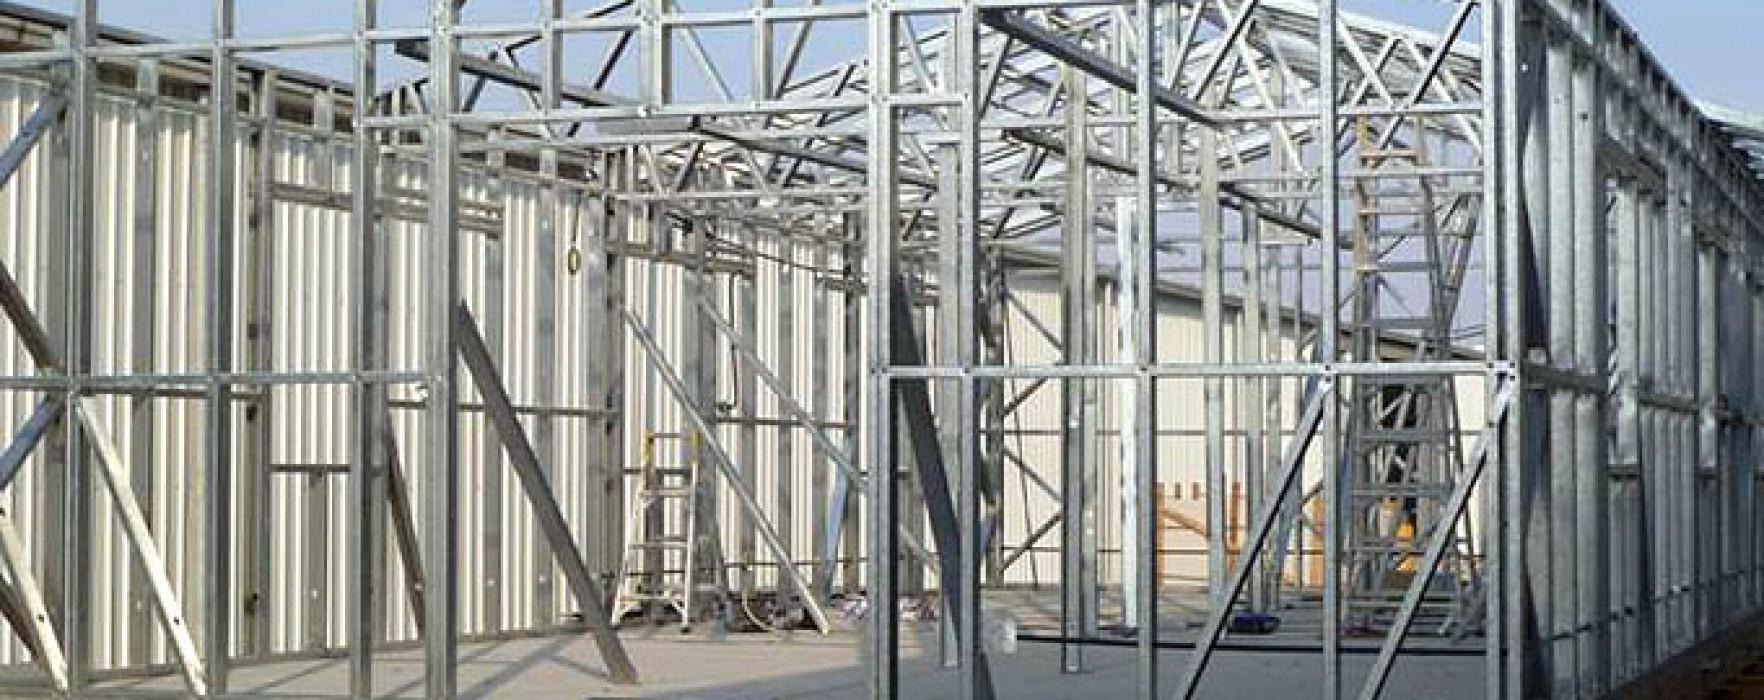 Quanto Dura Il Cemento Armato case prefabbricate in legno o acciaio